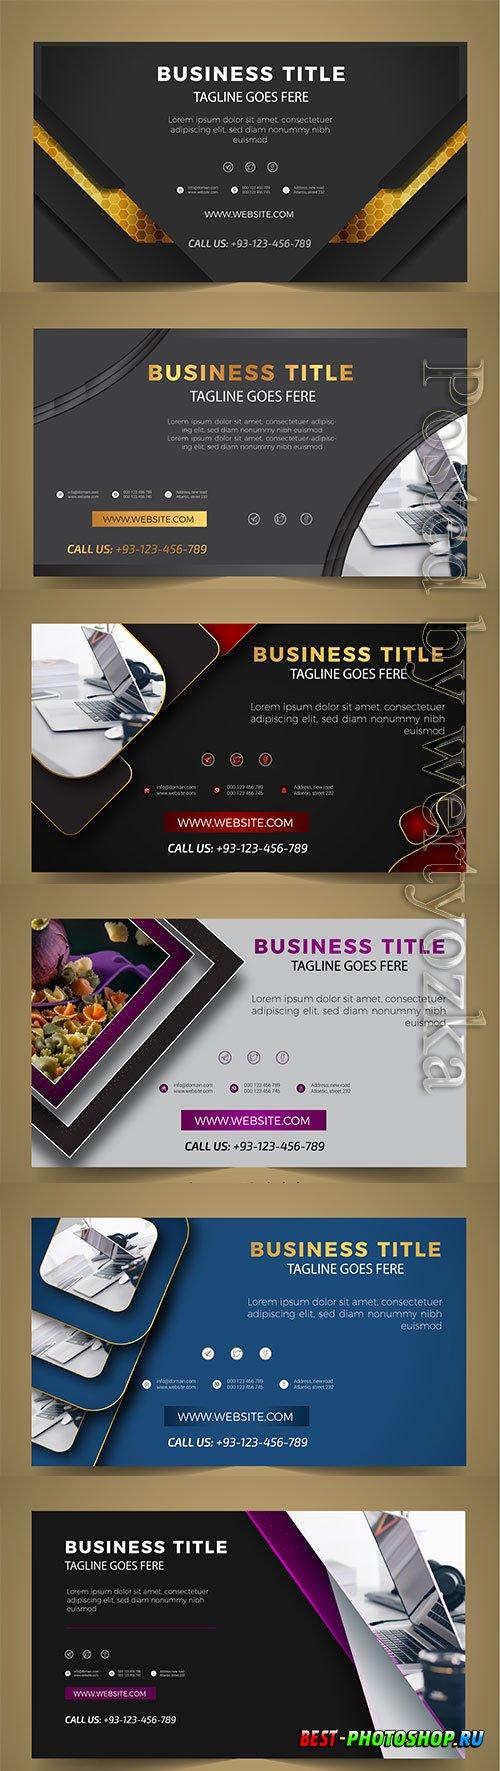 Modern business banner vector template design